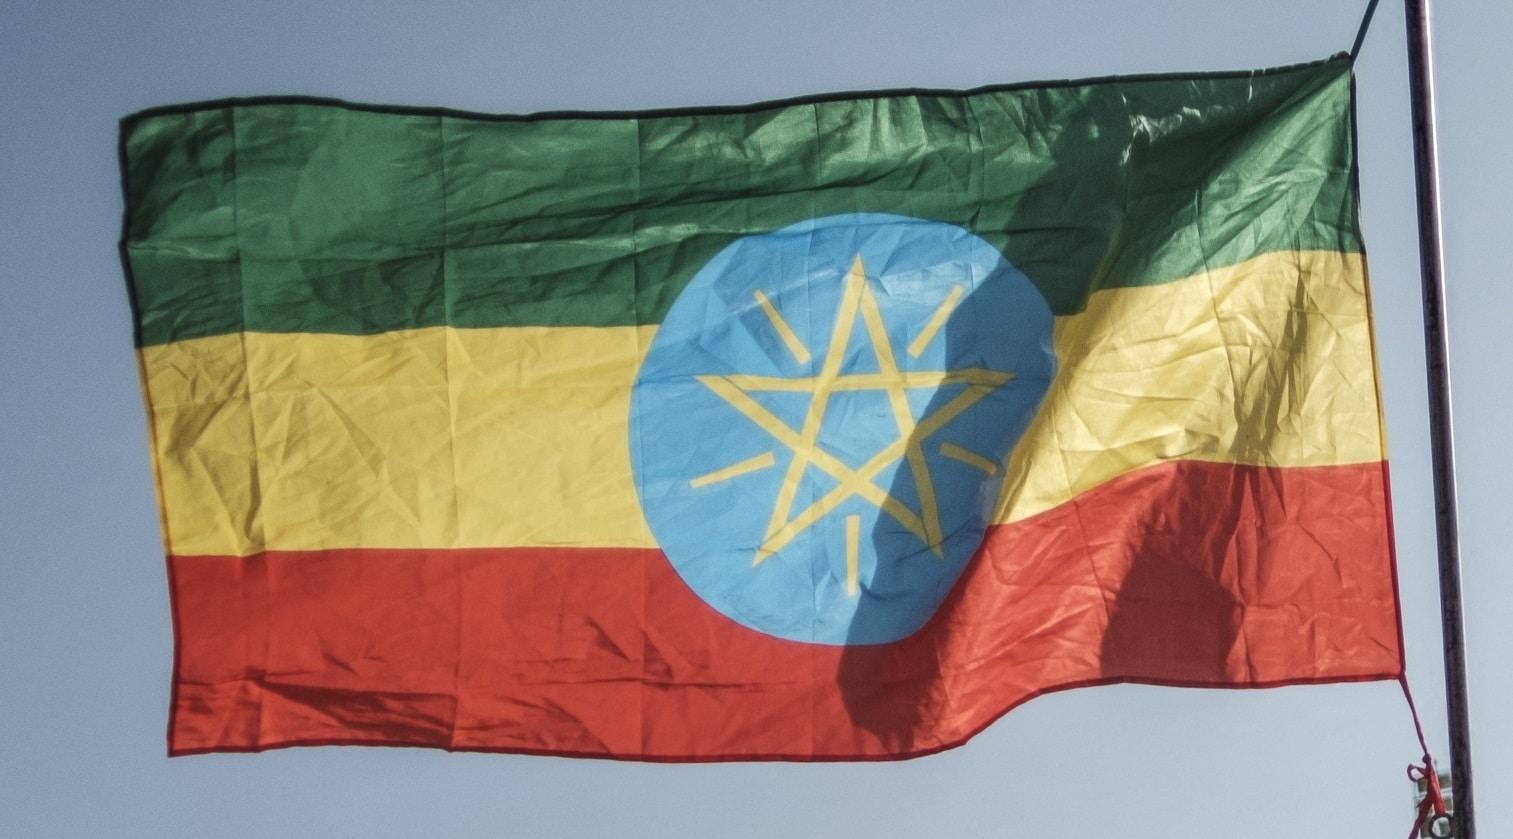 إثيوبيا تعلن إغلاق سفارتها نهائيا في الكويت بشكل مفاجئ.. ما علاقة الإمارات؟